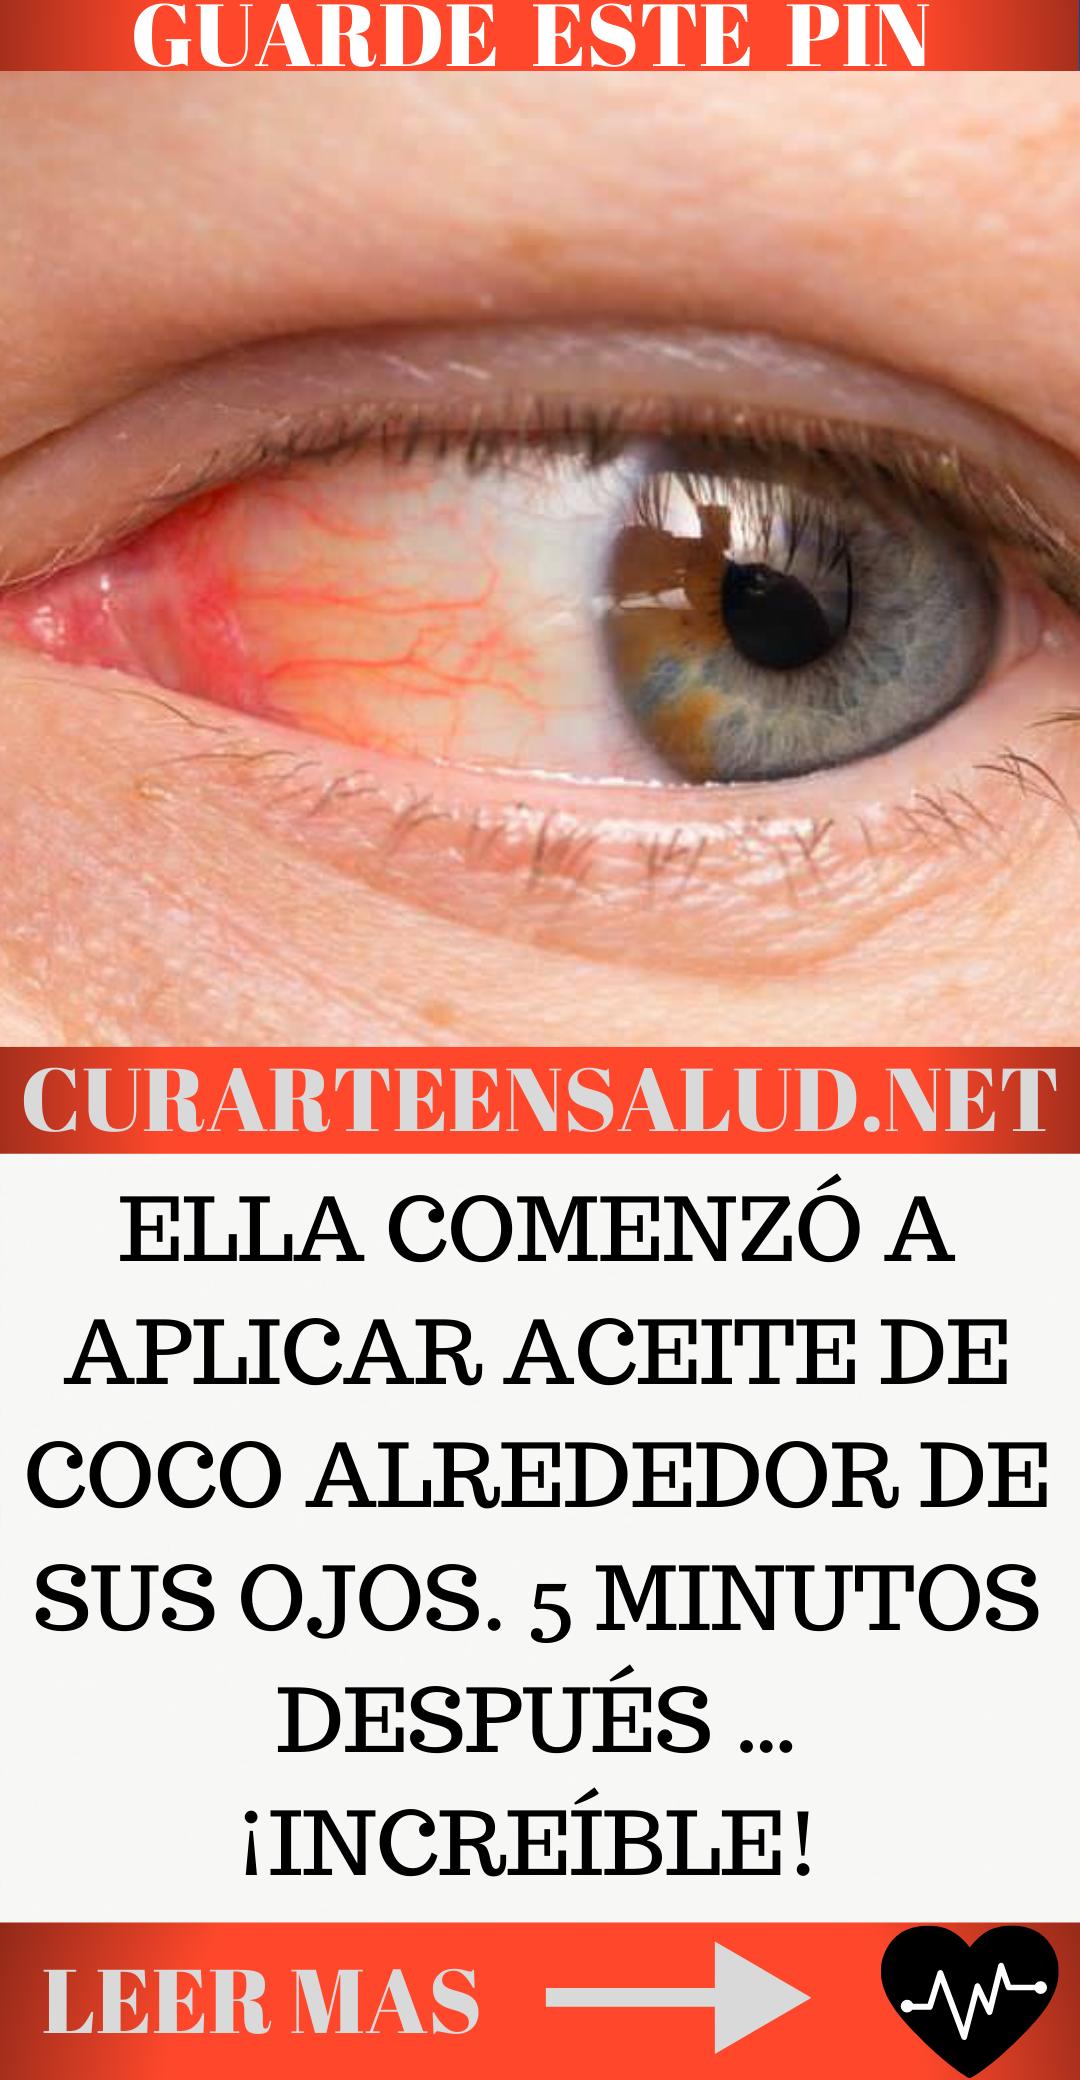 Ella Comenzó A Aplicar Aceite De Coco Alrededor De Sus Ojos 5 Minutos Después Increíble Aceite De Coco Productos Para La Salud Salud